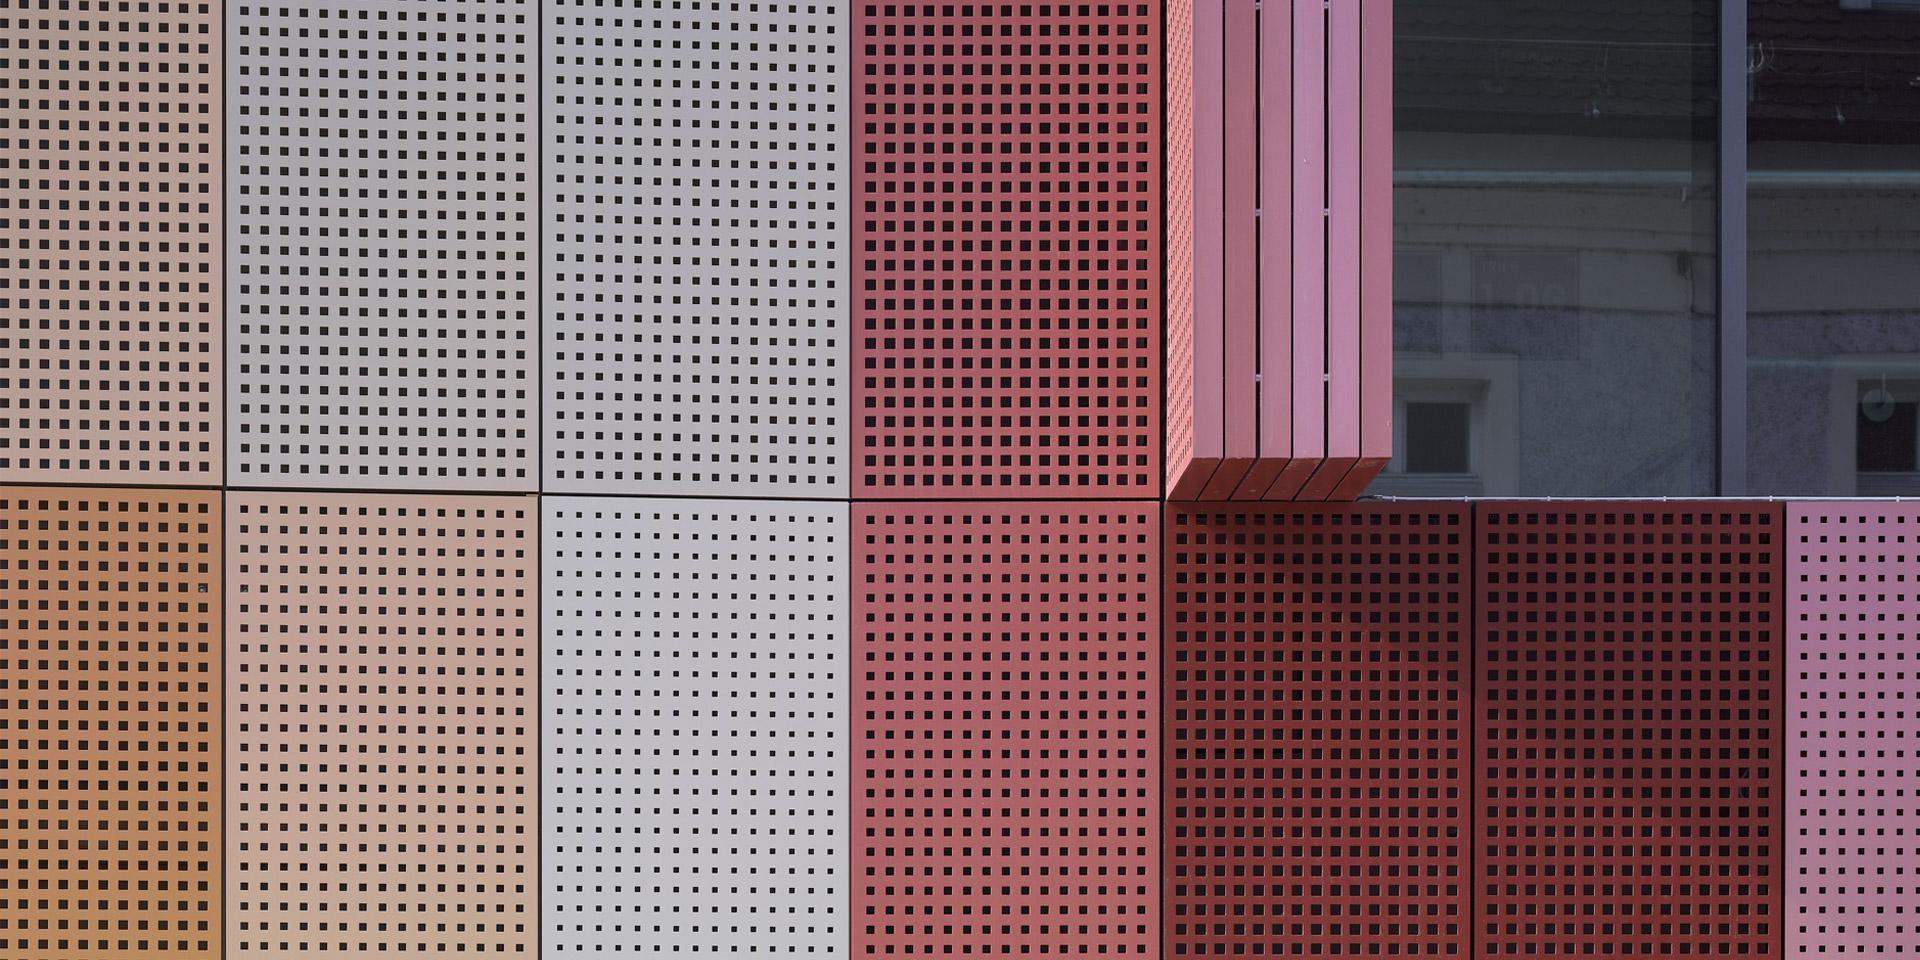 Nahaufnahme der Fassade der Stadtgalerie Passau von Auer und Weber - Die Farben aus der Umgebung wurden auf die Fassade übertragen.